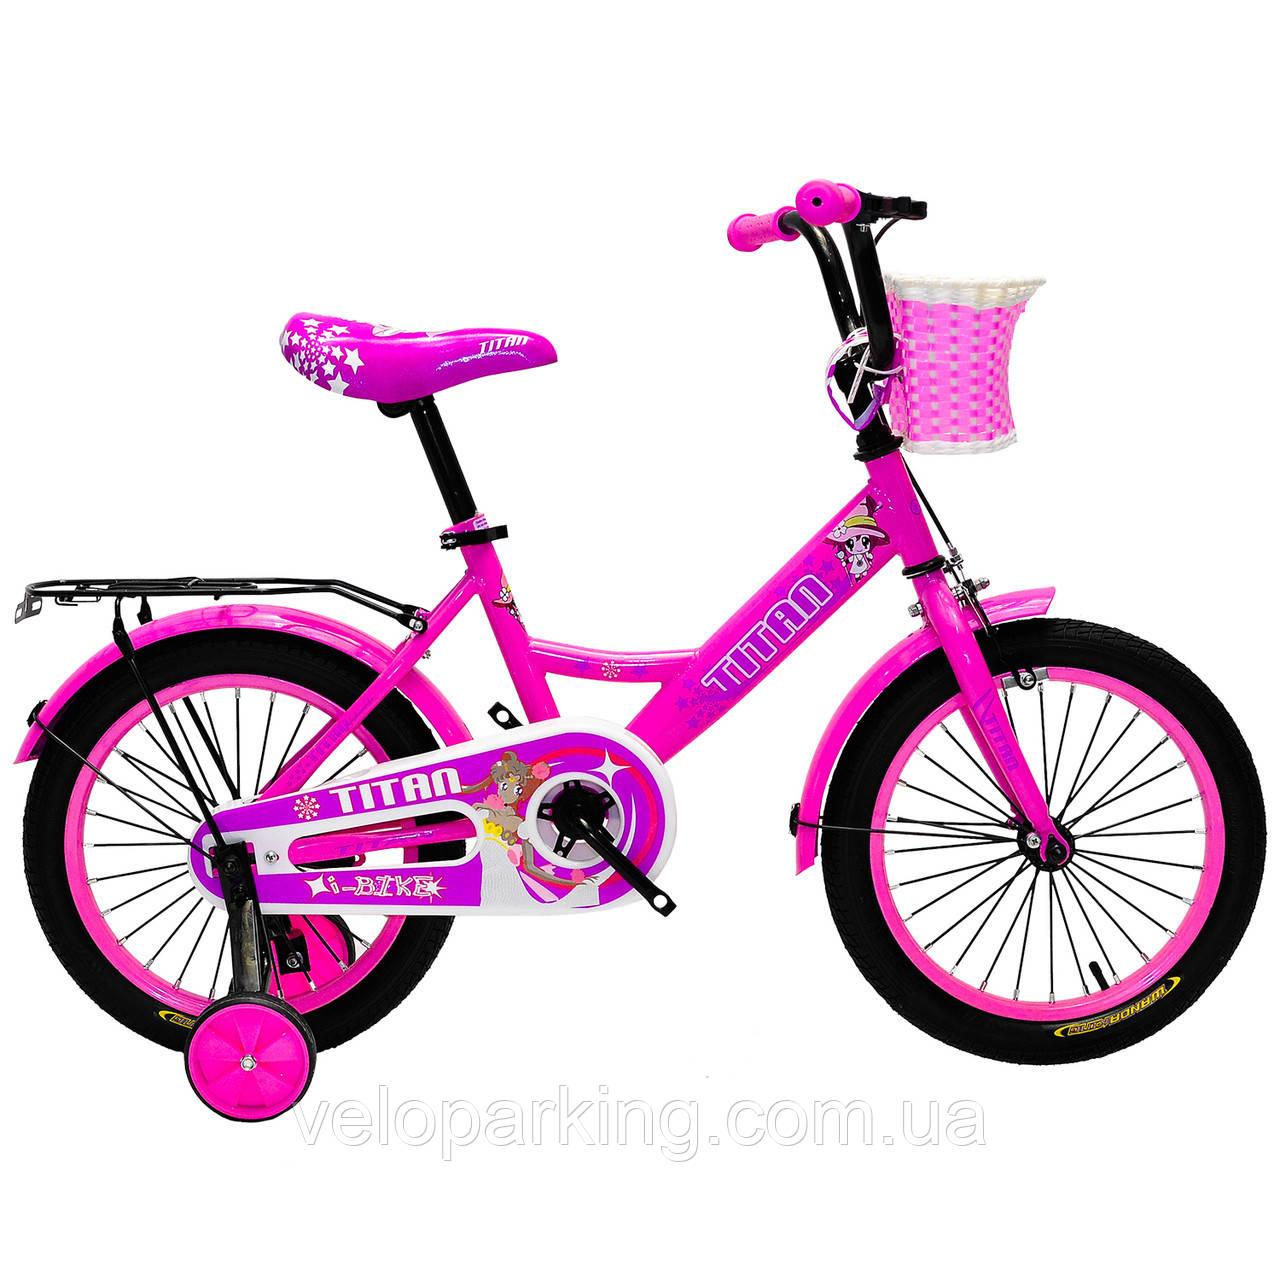 Велосипед детский Classic 16″ (2018) NEW